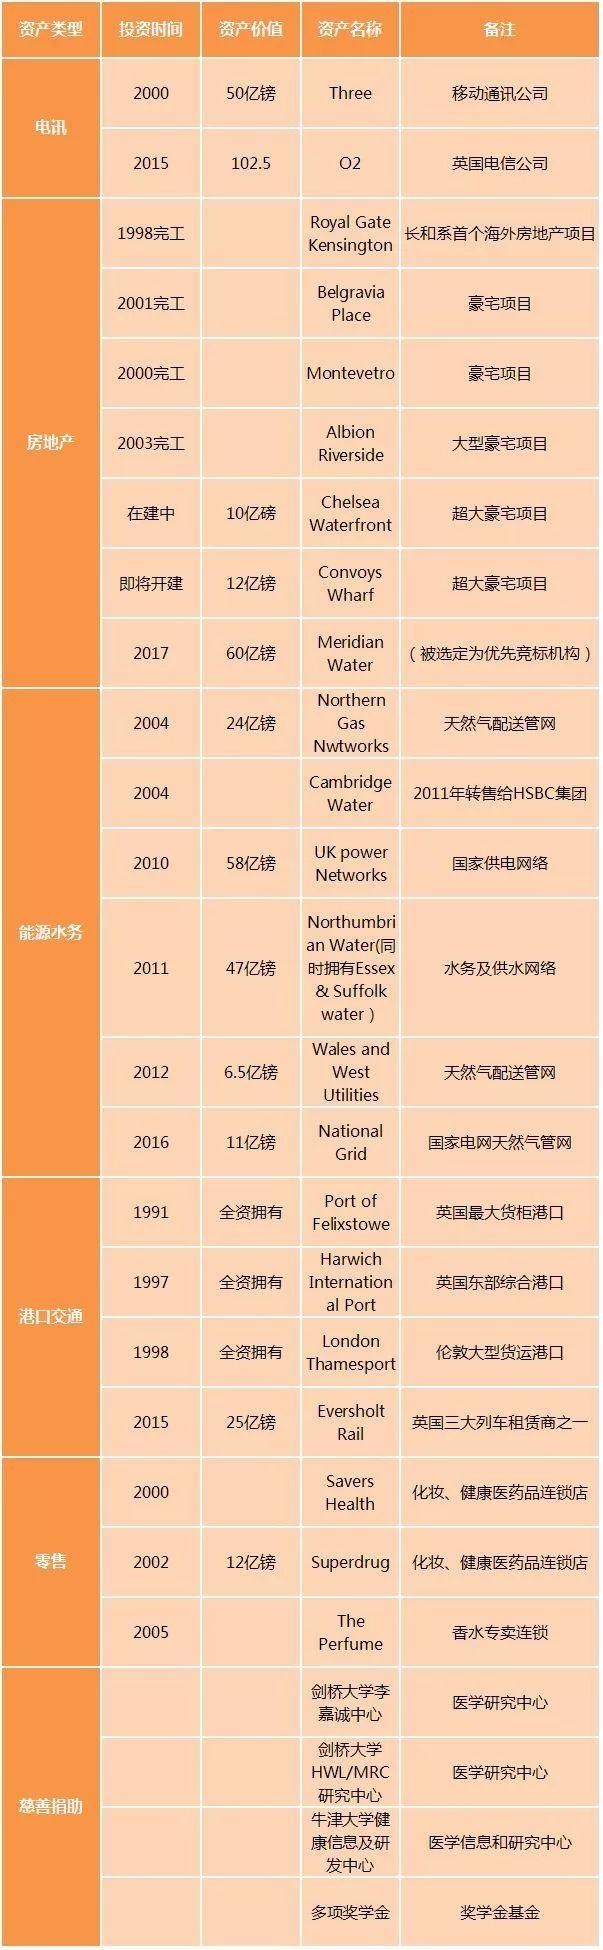 为什么香港李嘉诚们对此次疫情0捐款和医护罢工事件集体失声?